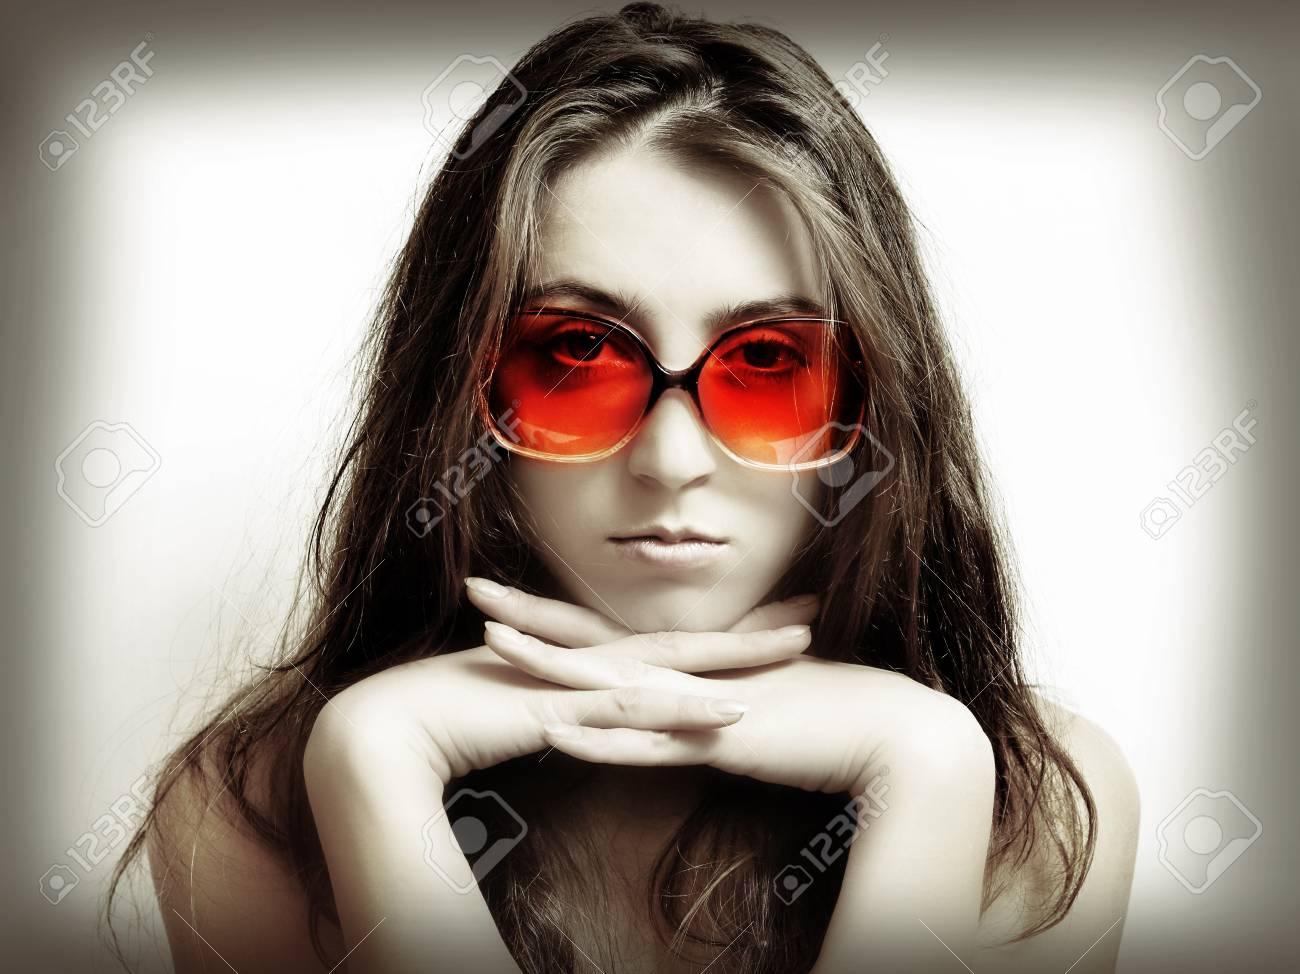 emballage élégant et robuste 2019 original capture La jeune fille à lunettes de soleil